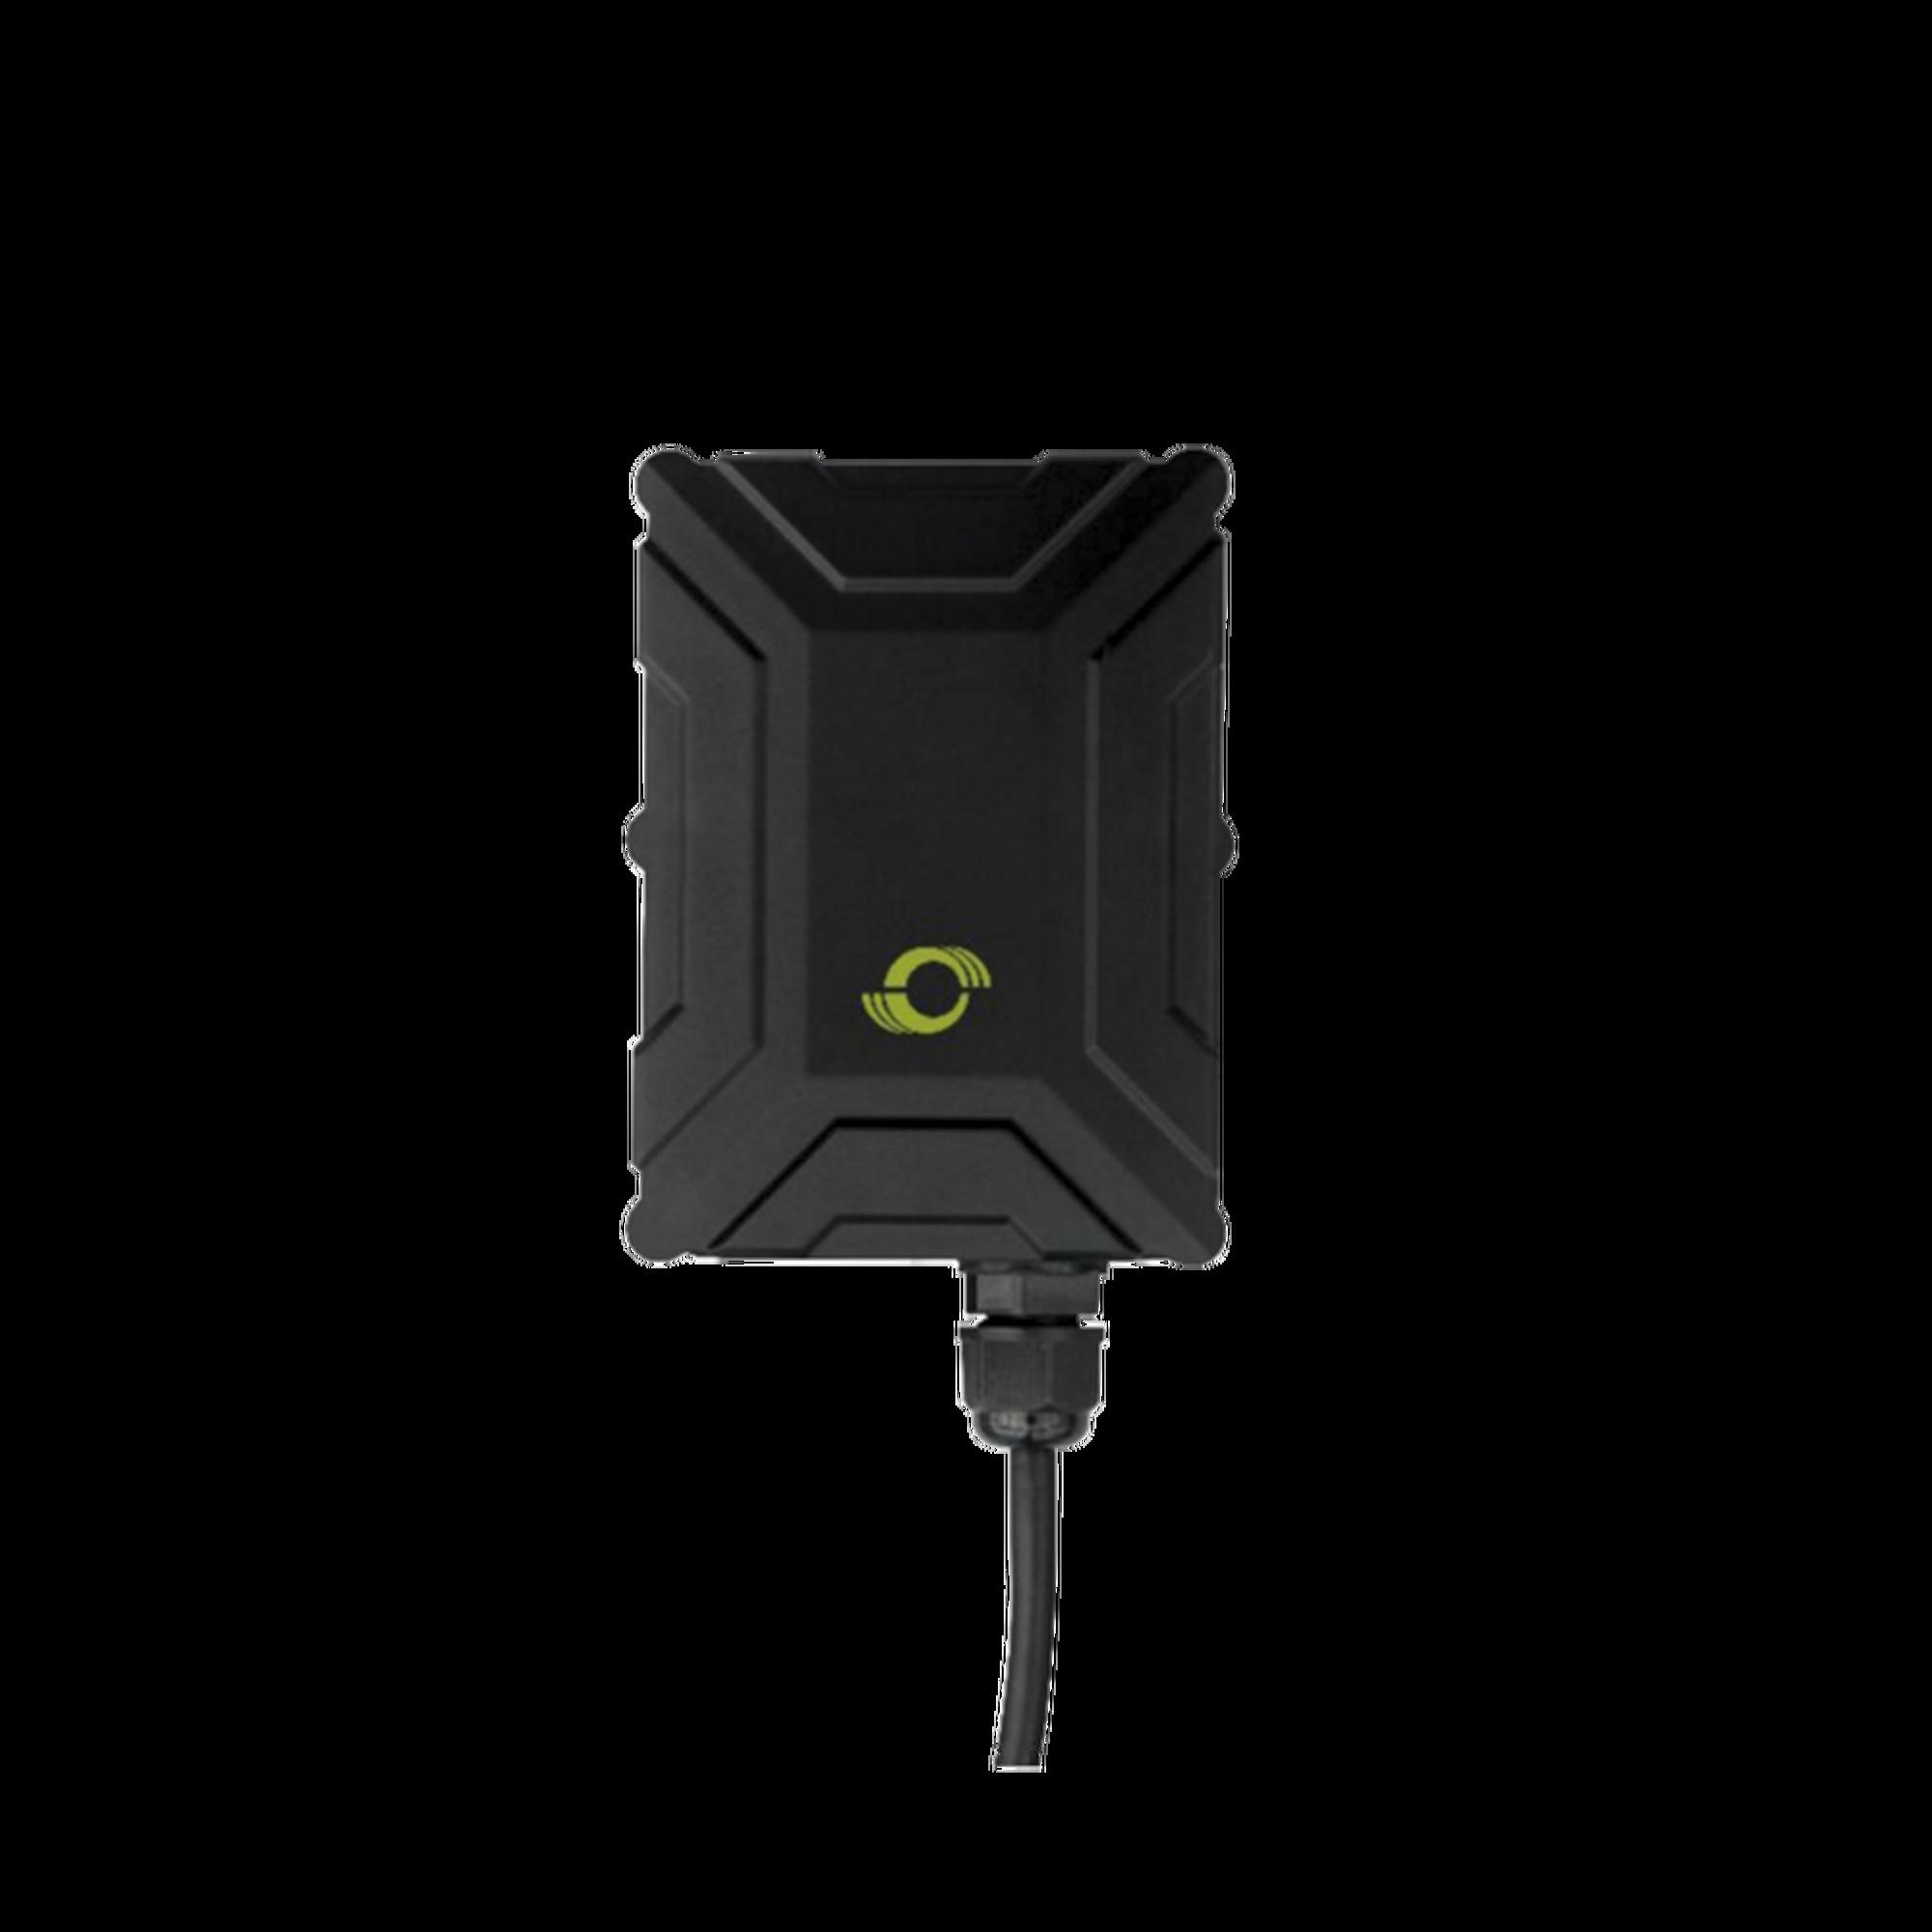 Robusto y Confiable Localizador Vehicular 3G IP67 de Fácil y Rápida Programación.